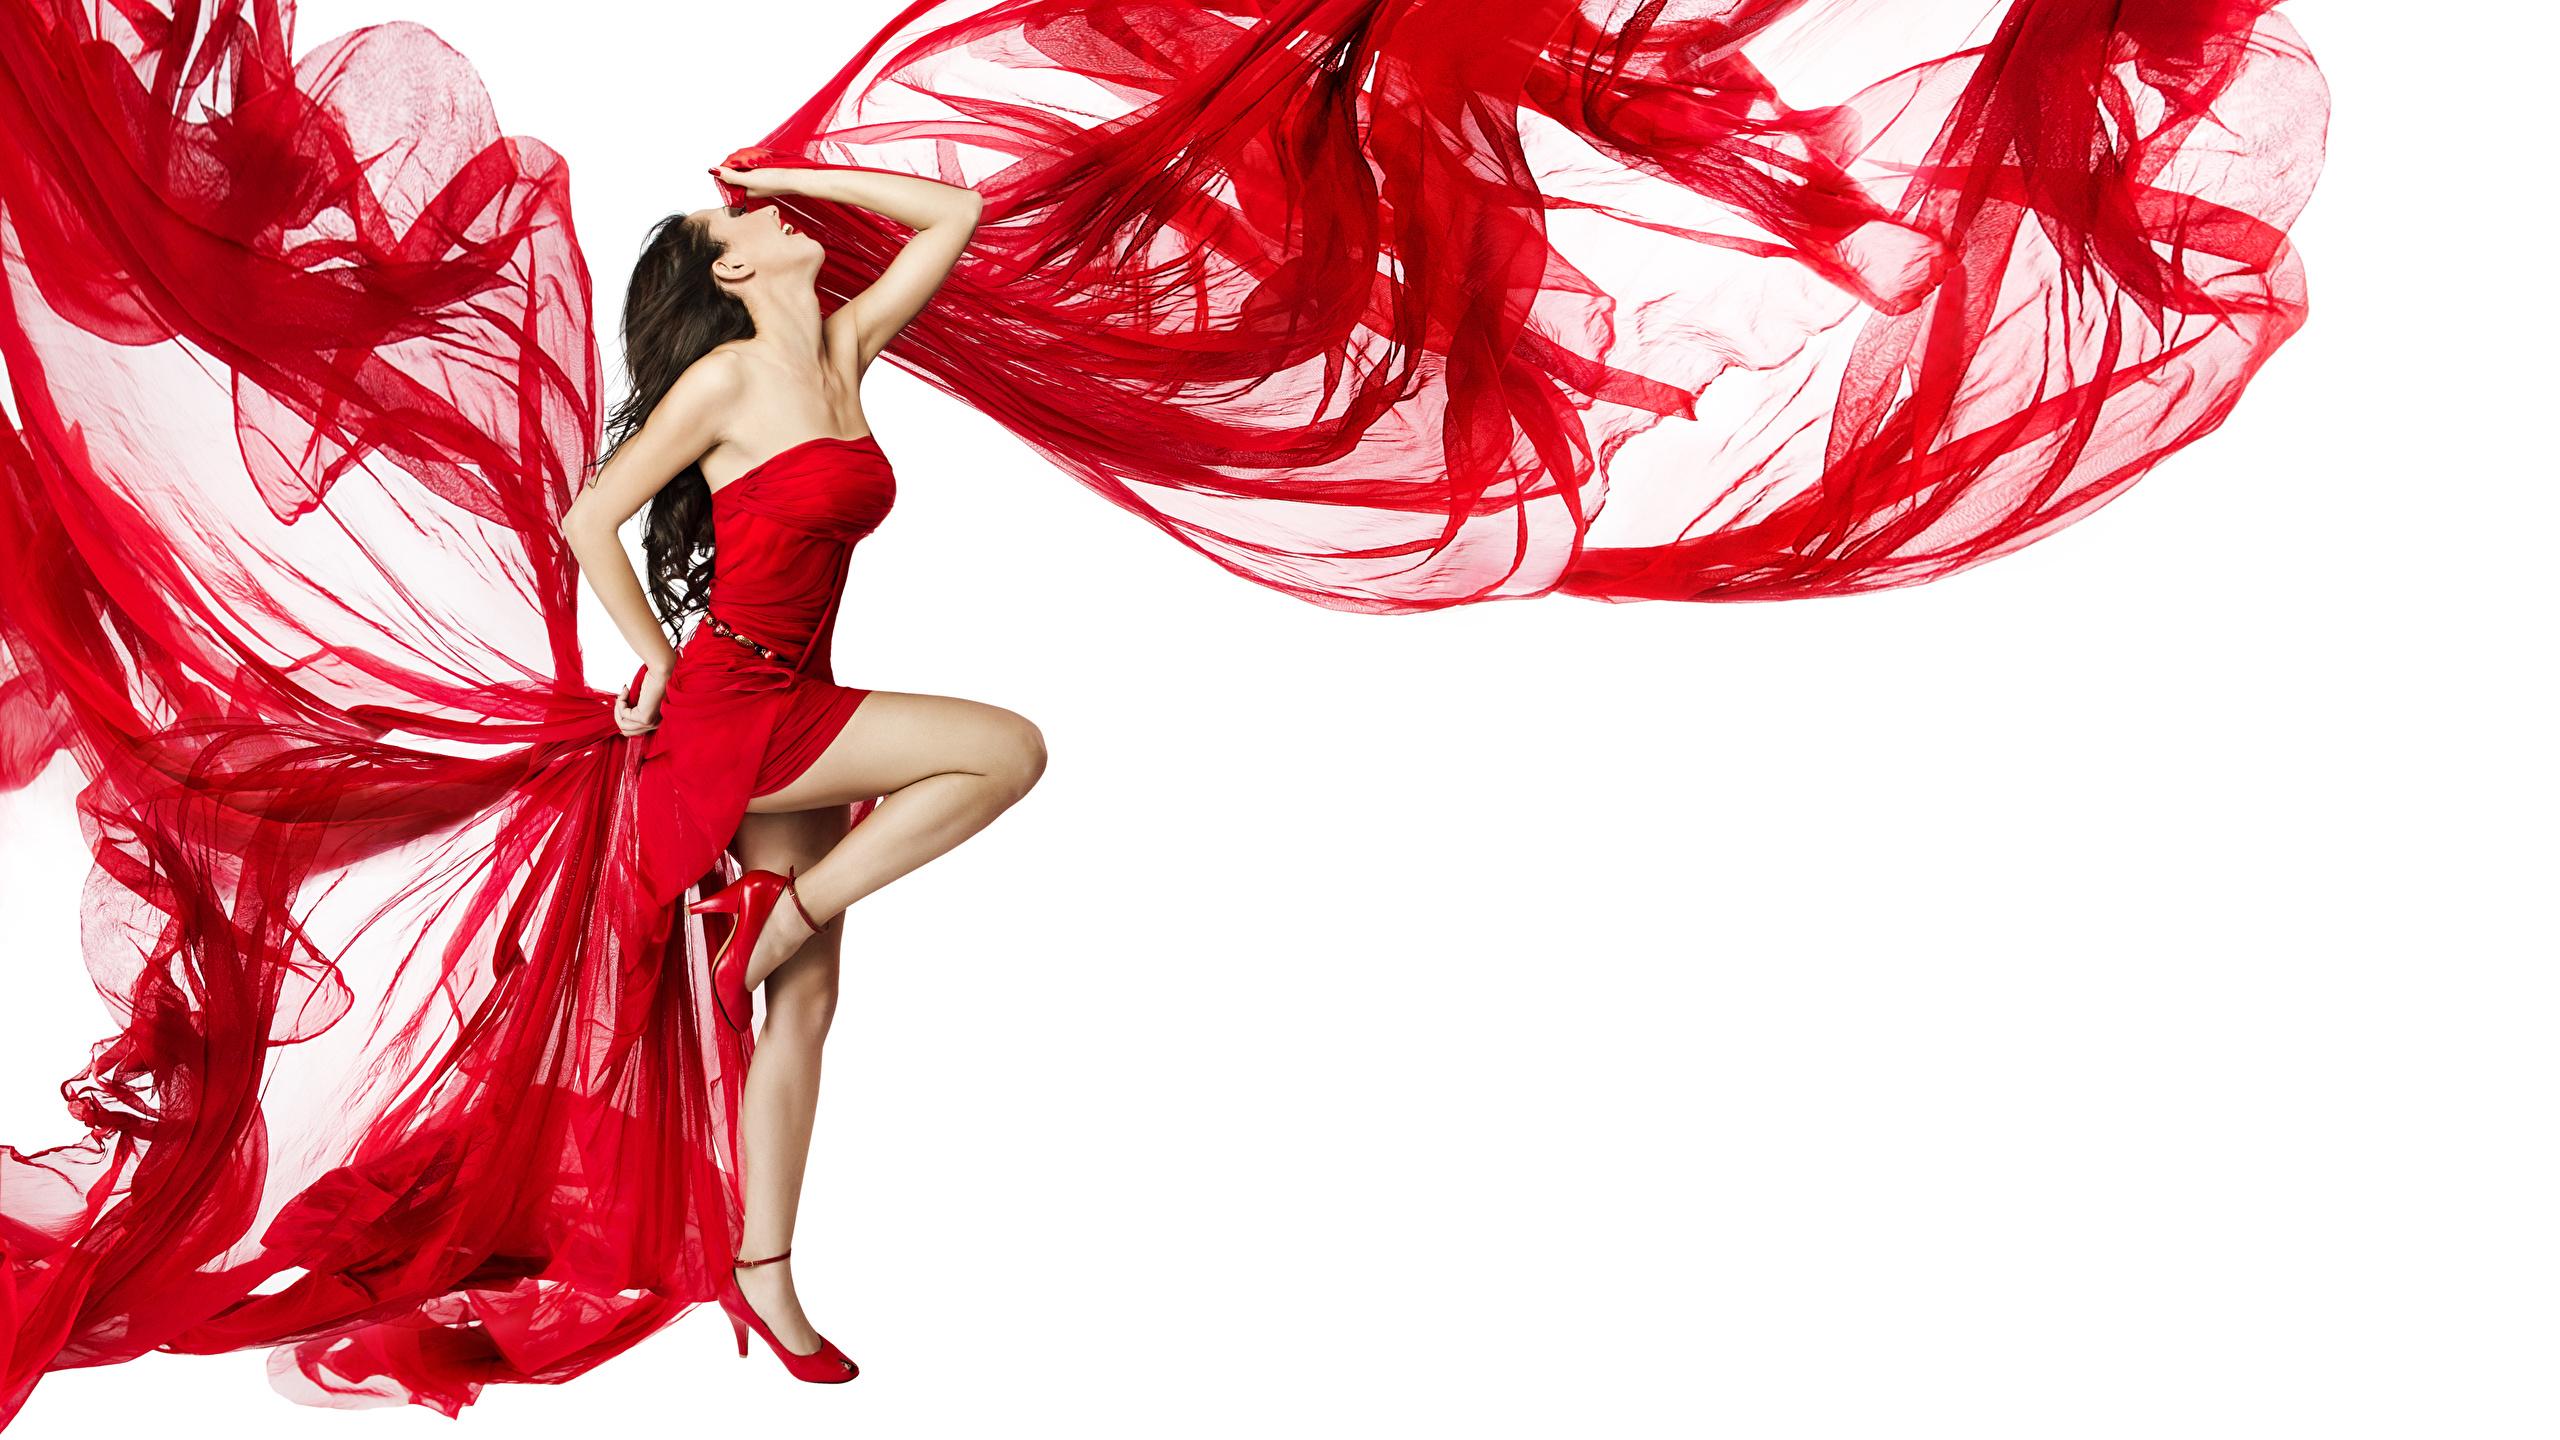 Hintergrundbilder Braune Haare Tanzen Mädchens Bein Weißer hintergrund Kleid 2560x1440 Braunhaarige Tanz